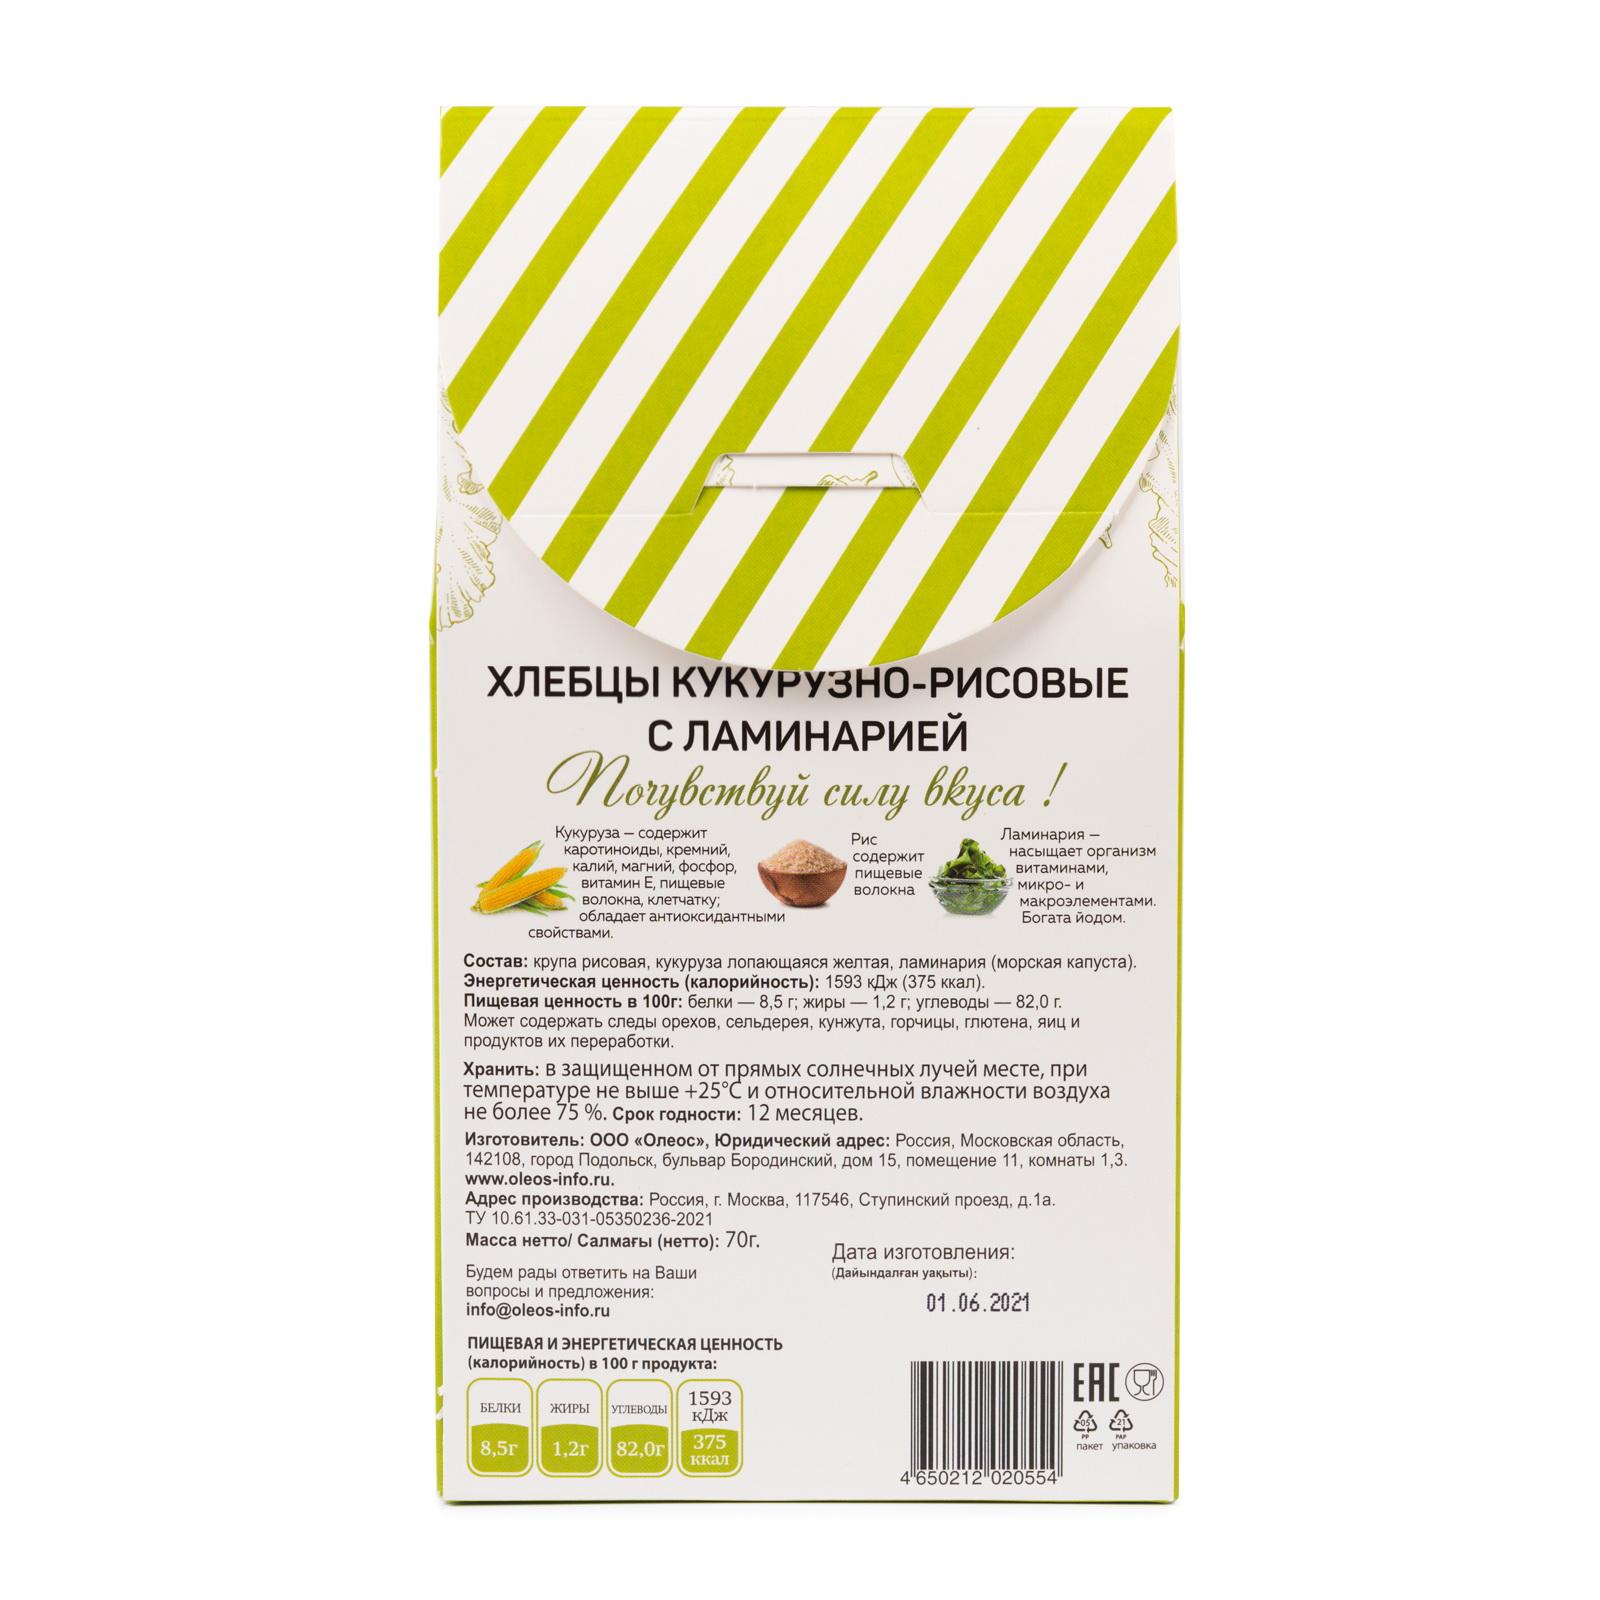 Кукурузно-рисовые хлебцы с ламинарией 70 г (4)